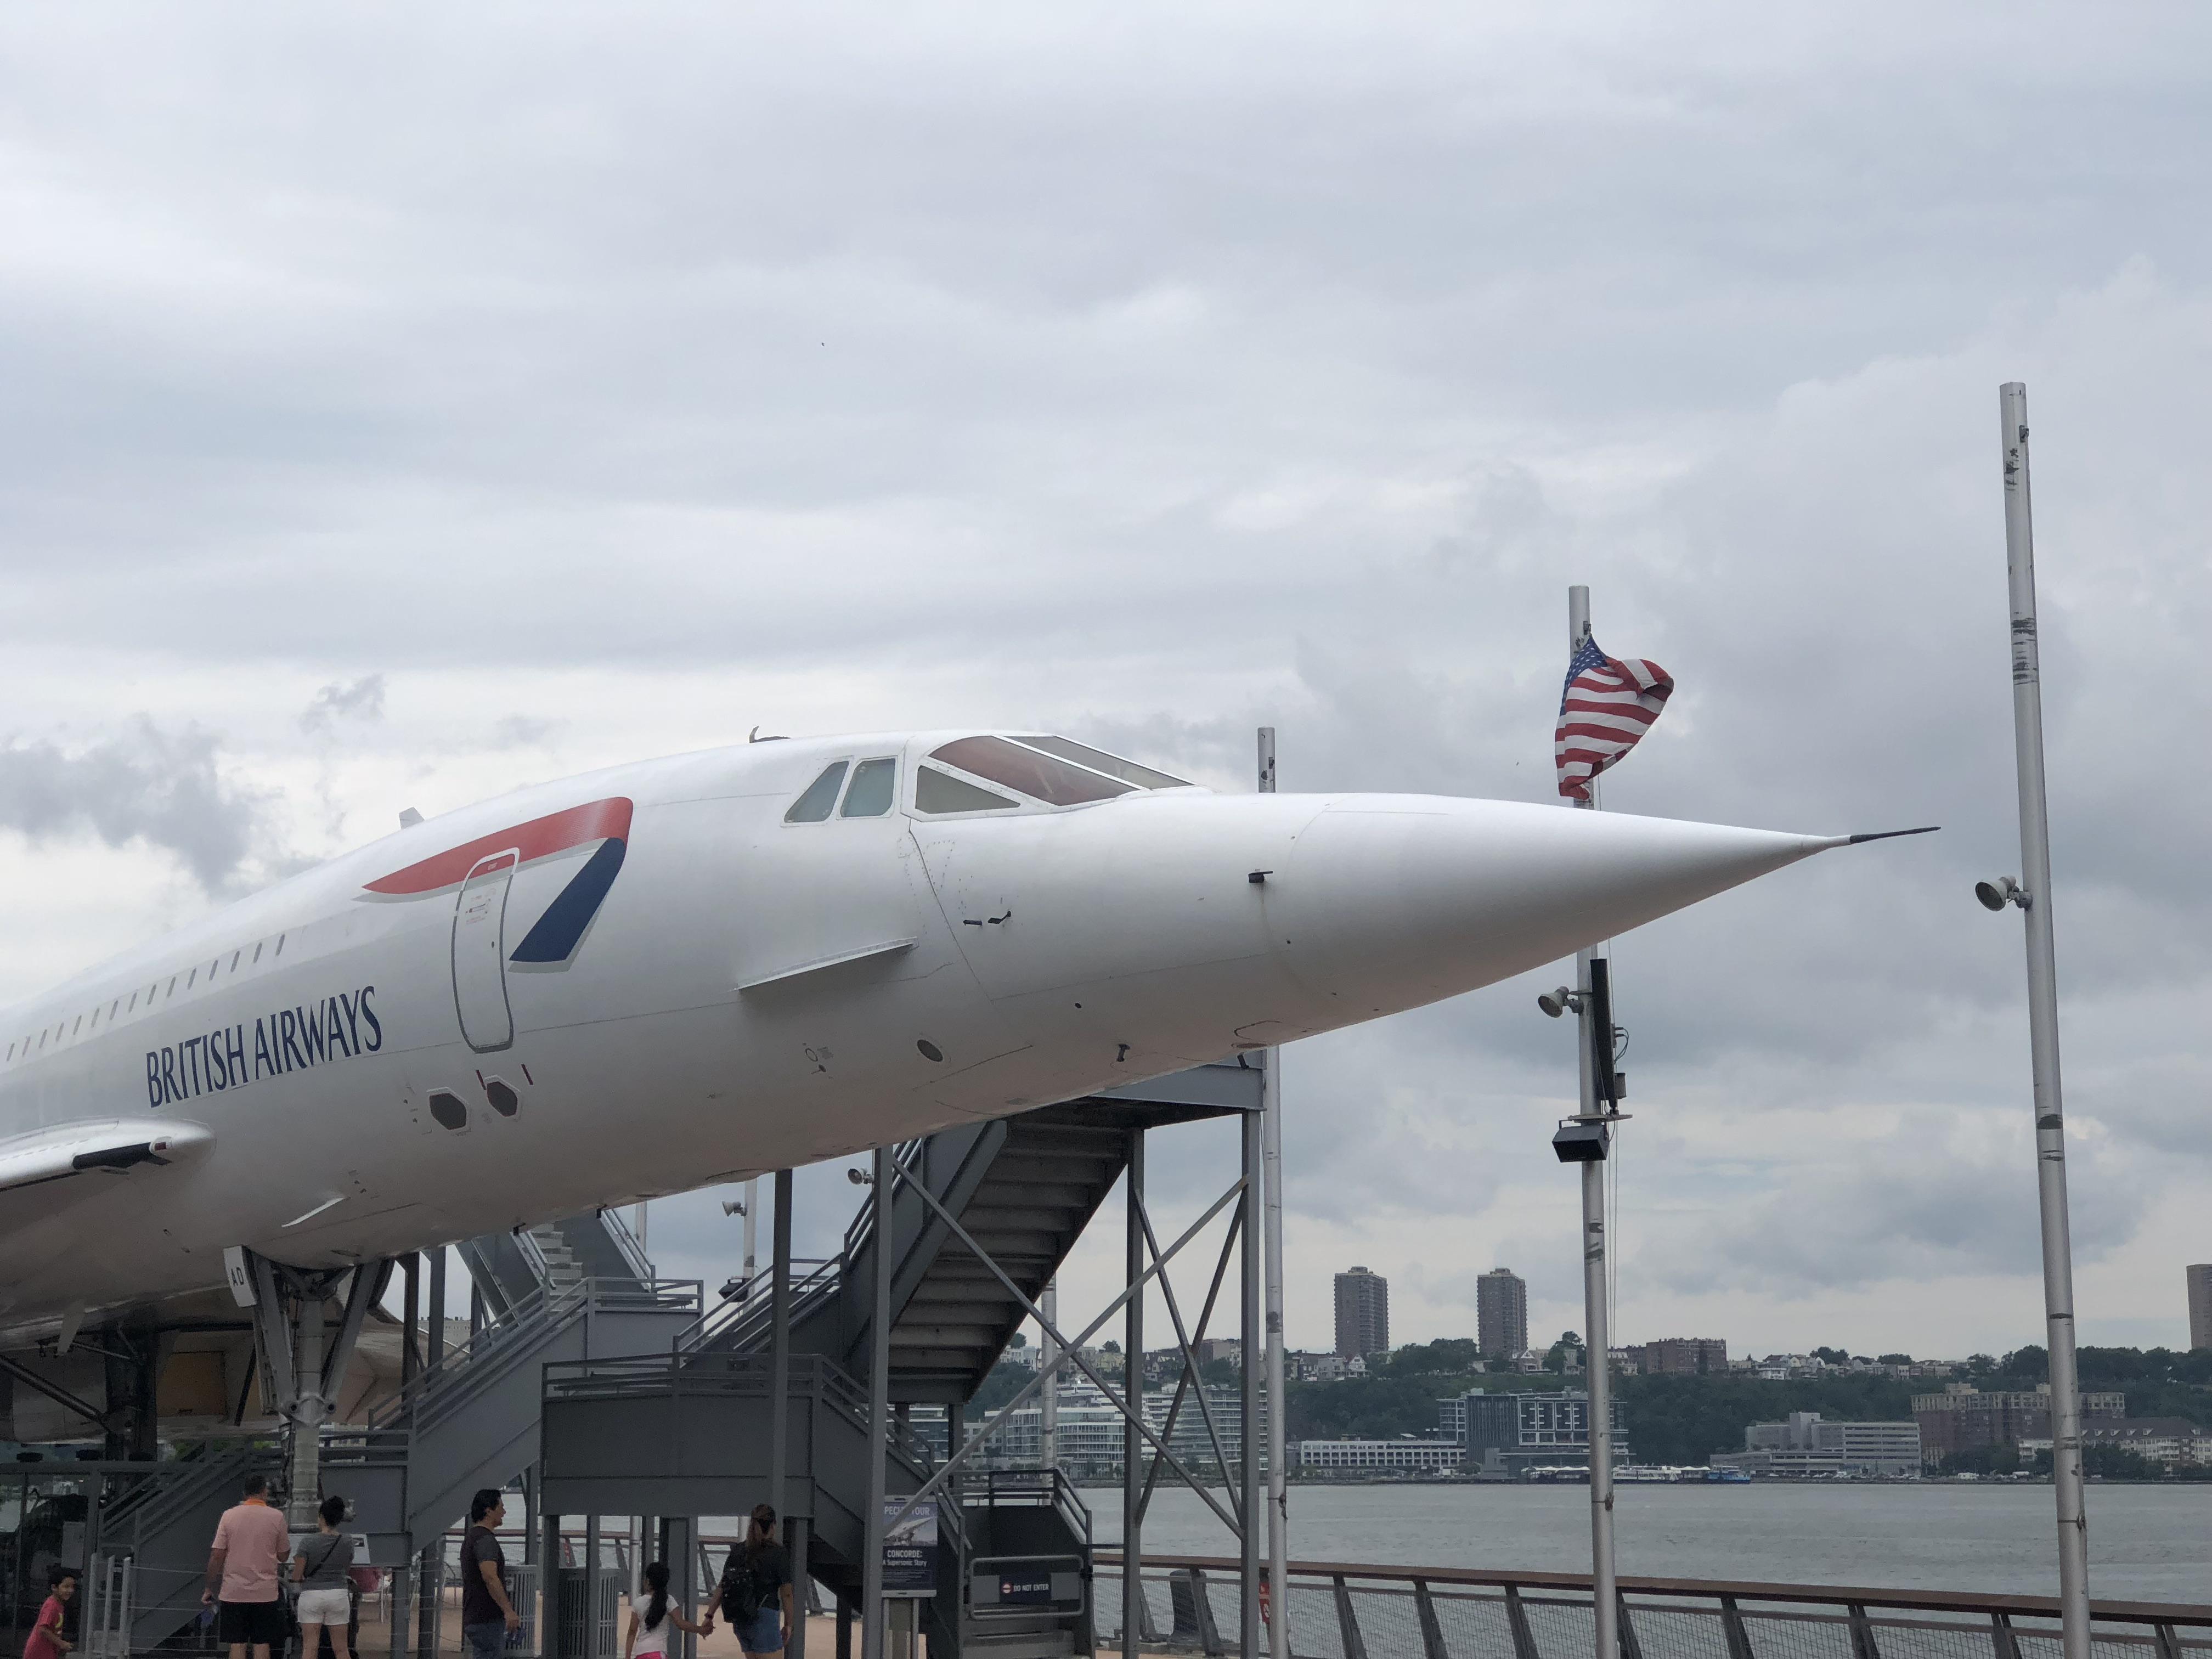 USS_Intrepid_Museum_Concorde